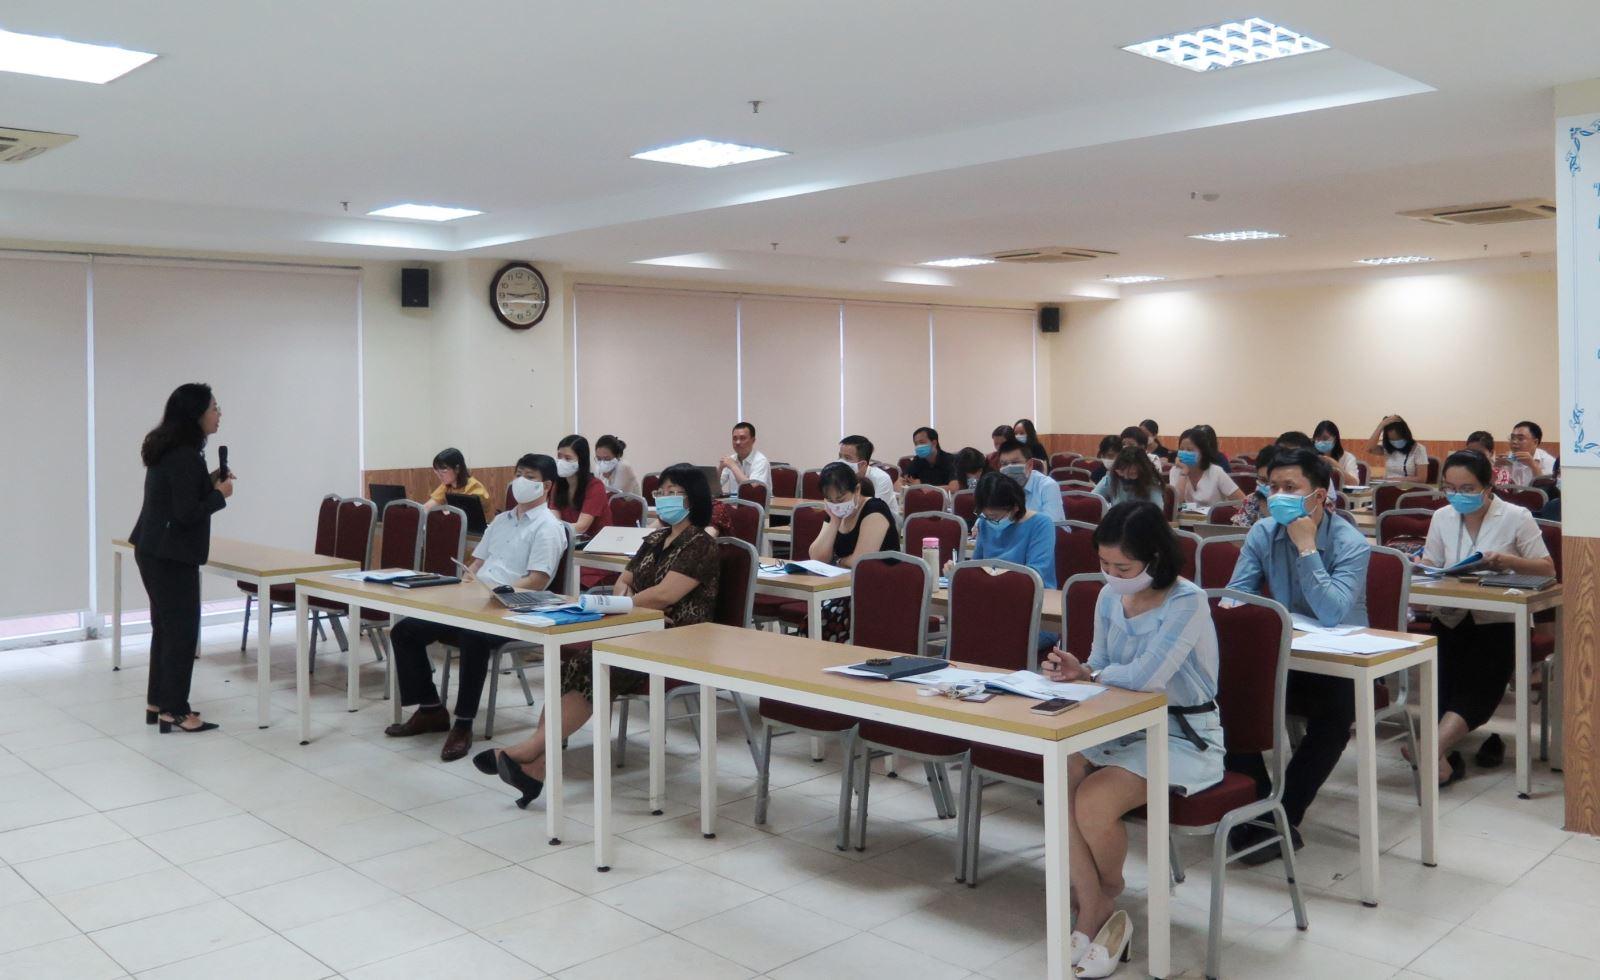 Học viện Phụ nữ Việt Nam tổ chức tập huấn về công tác tự đánh giá cấp chương trình đào tạo